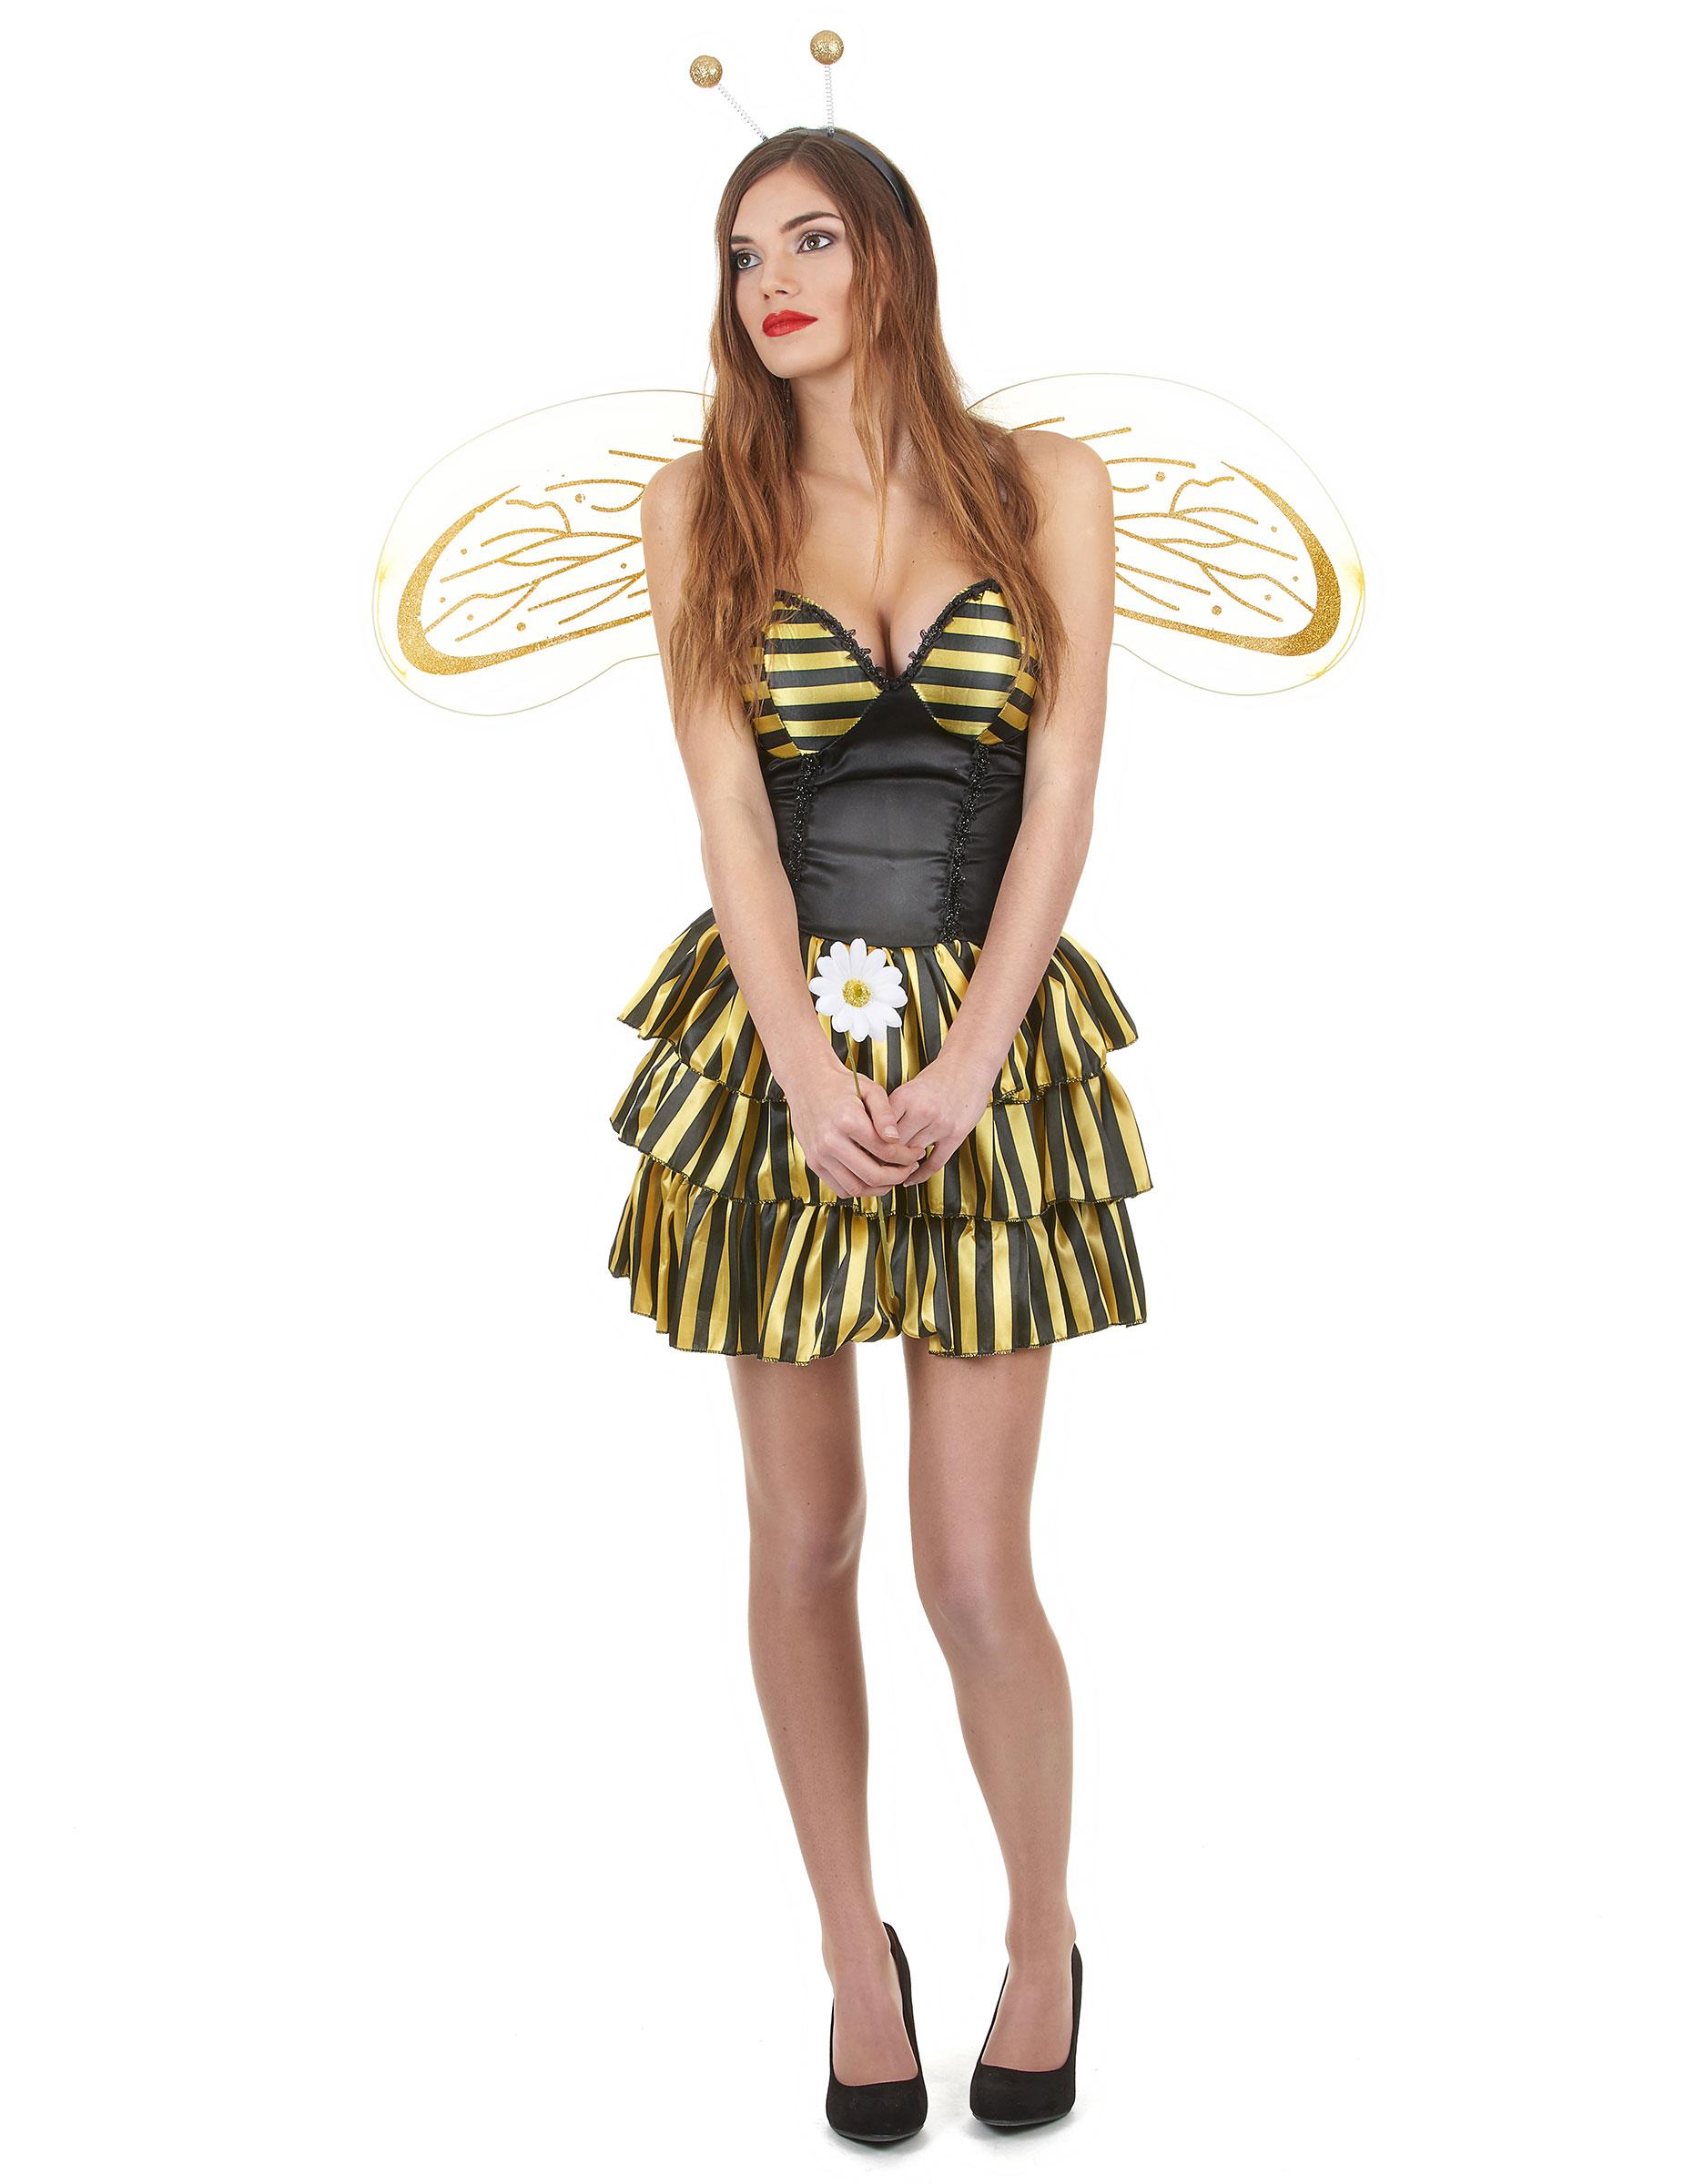 Bienchen Kostüm für Damen - S 68683